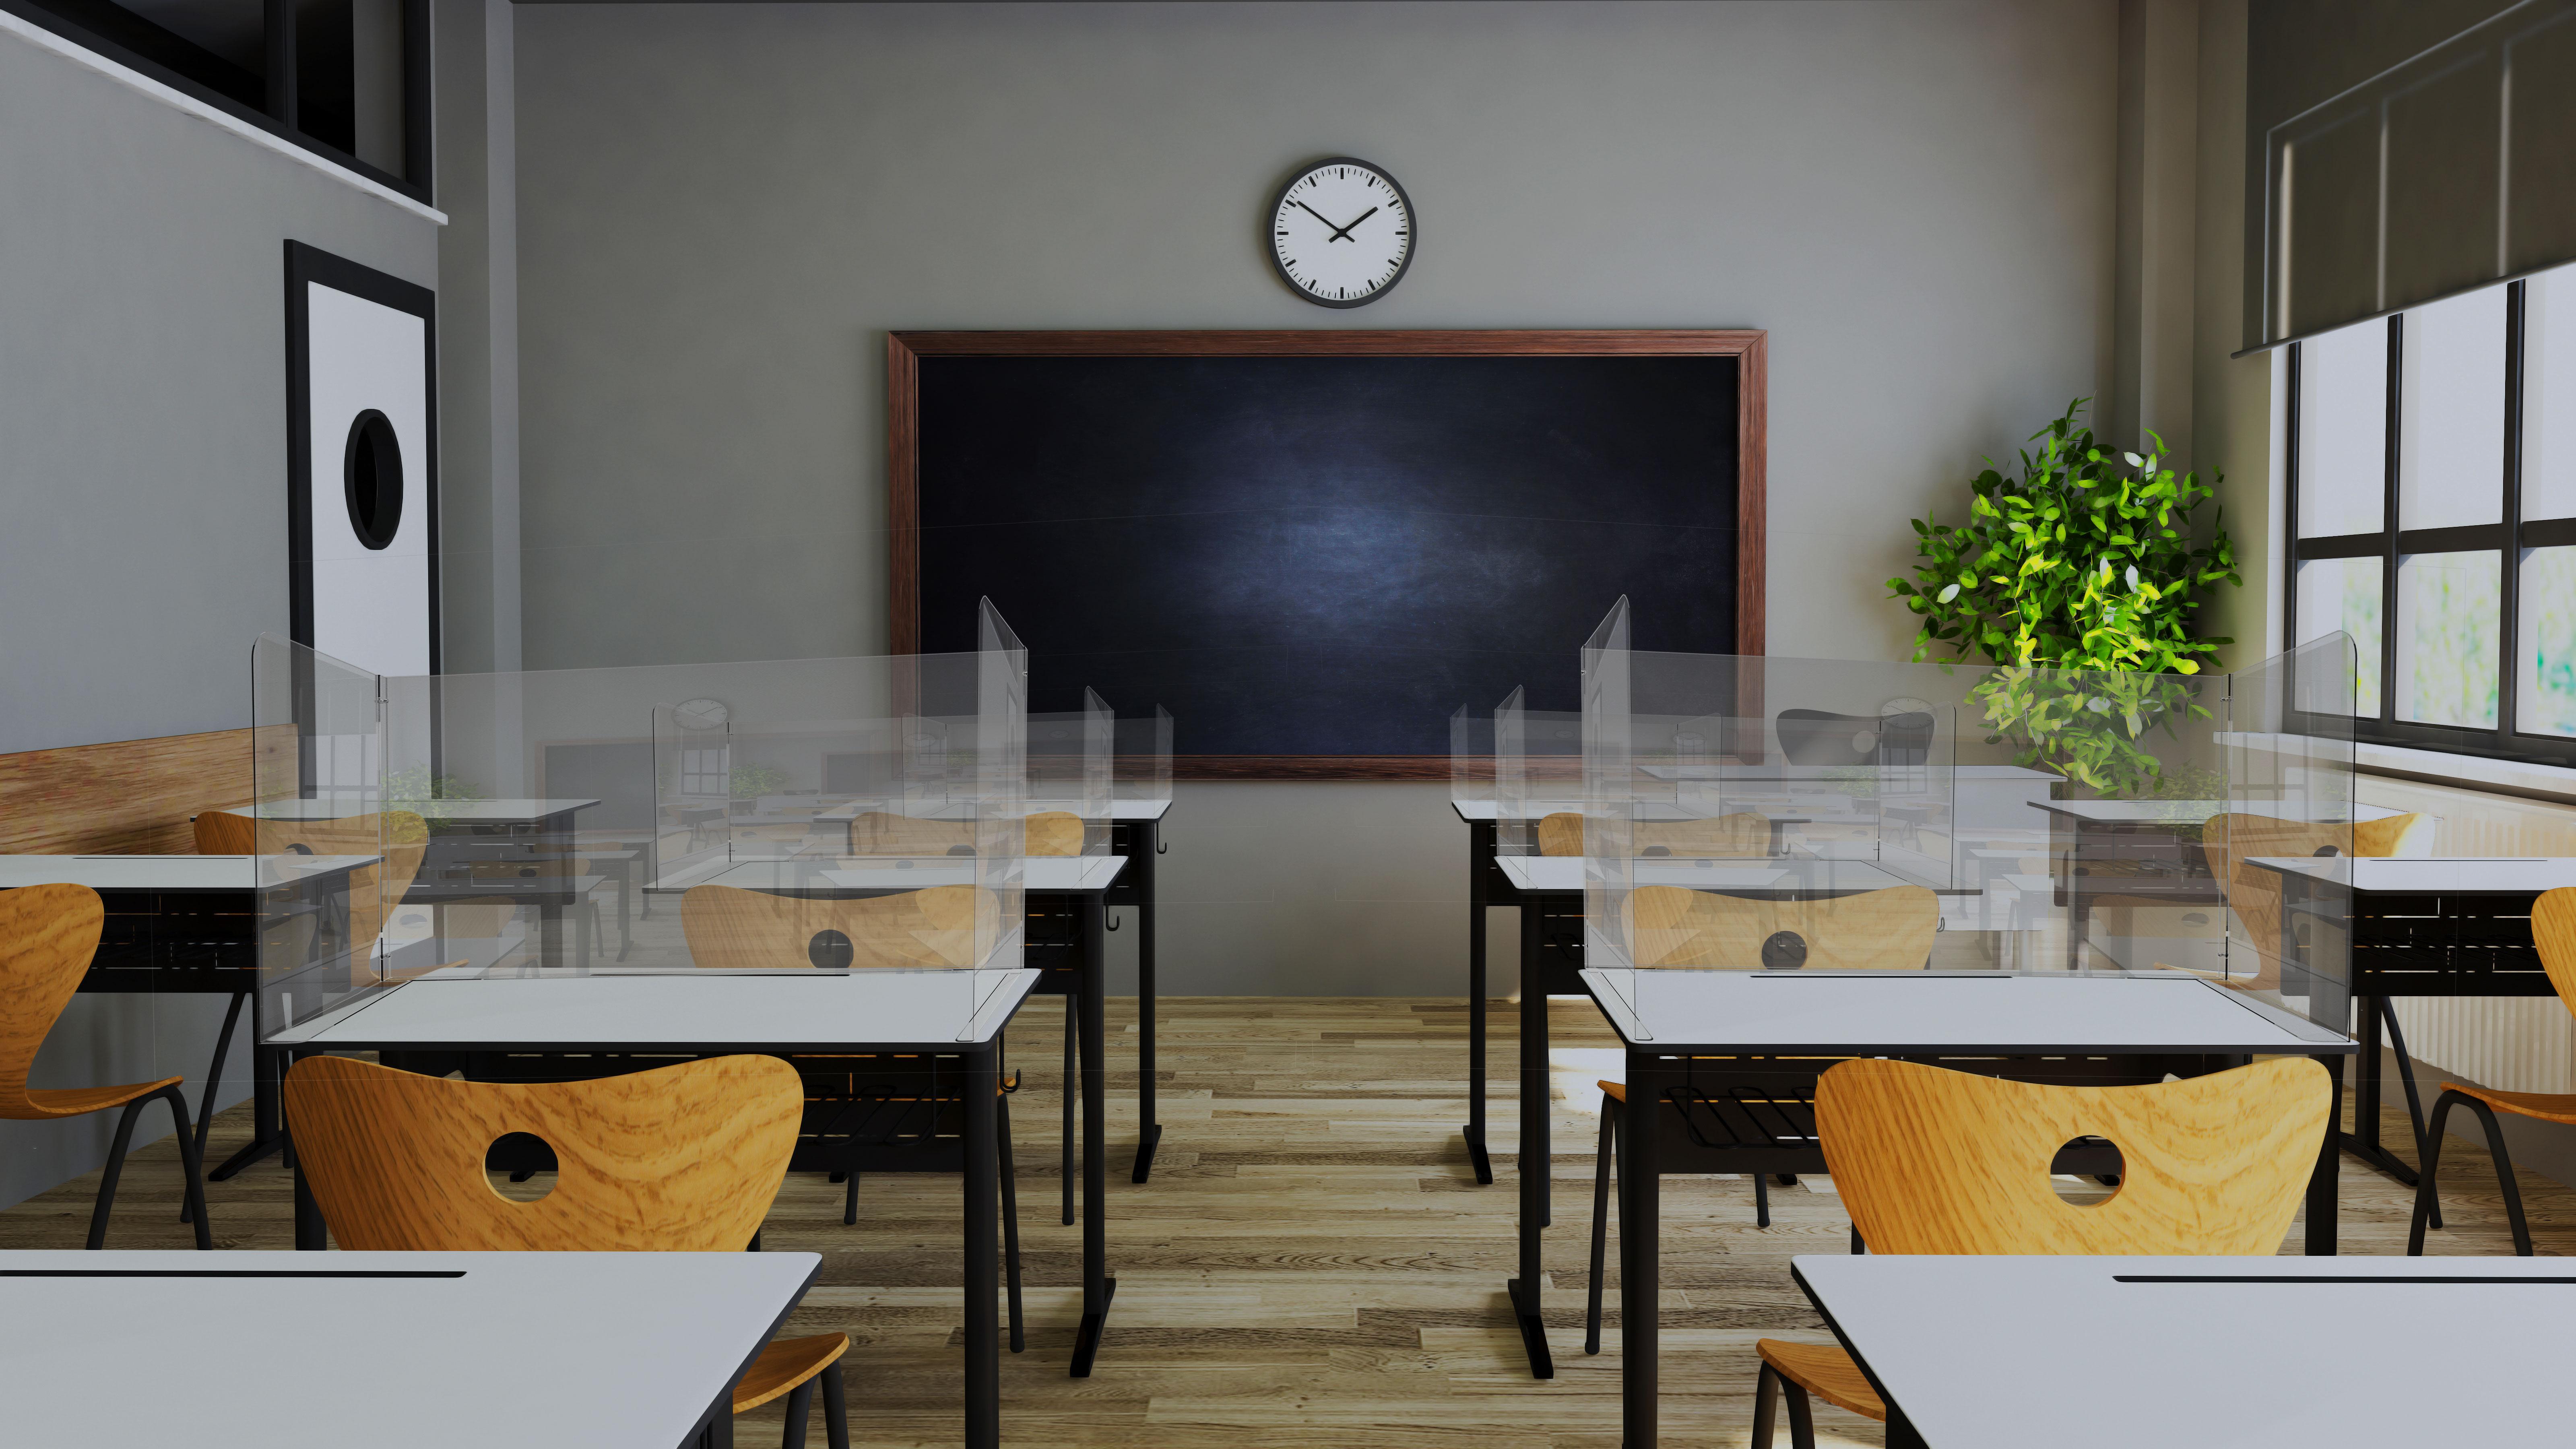 Protecție plexiglas pentru școala, tip U, JJ DISPLAYS